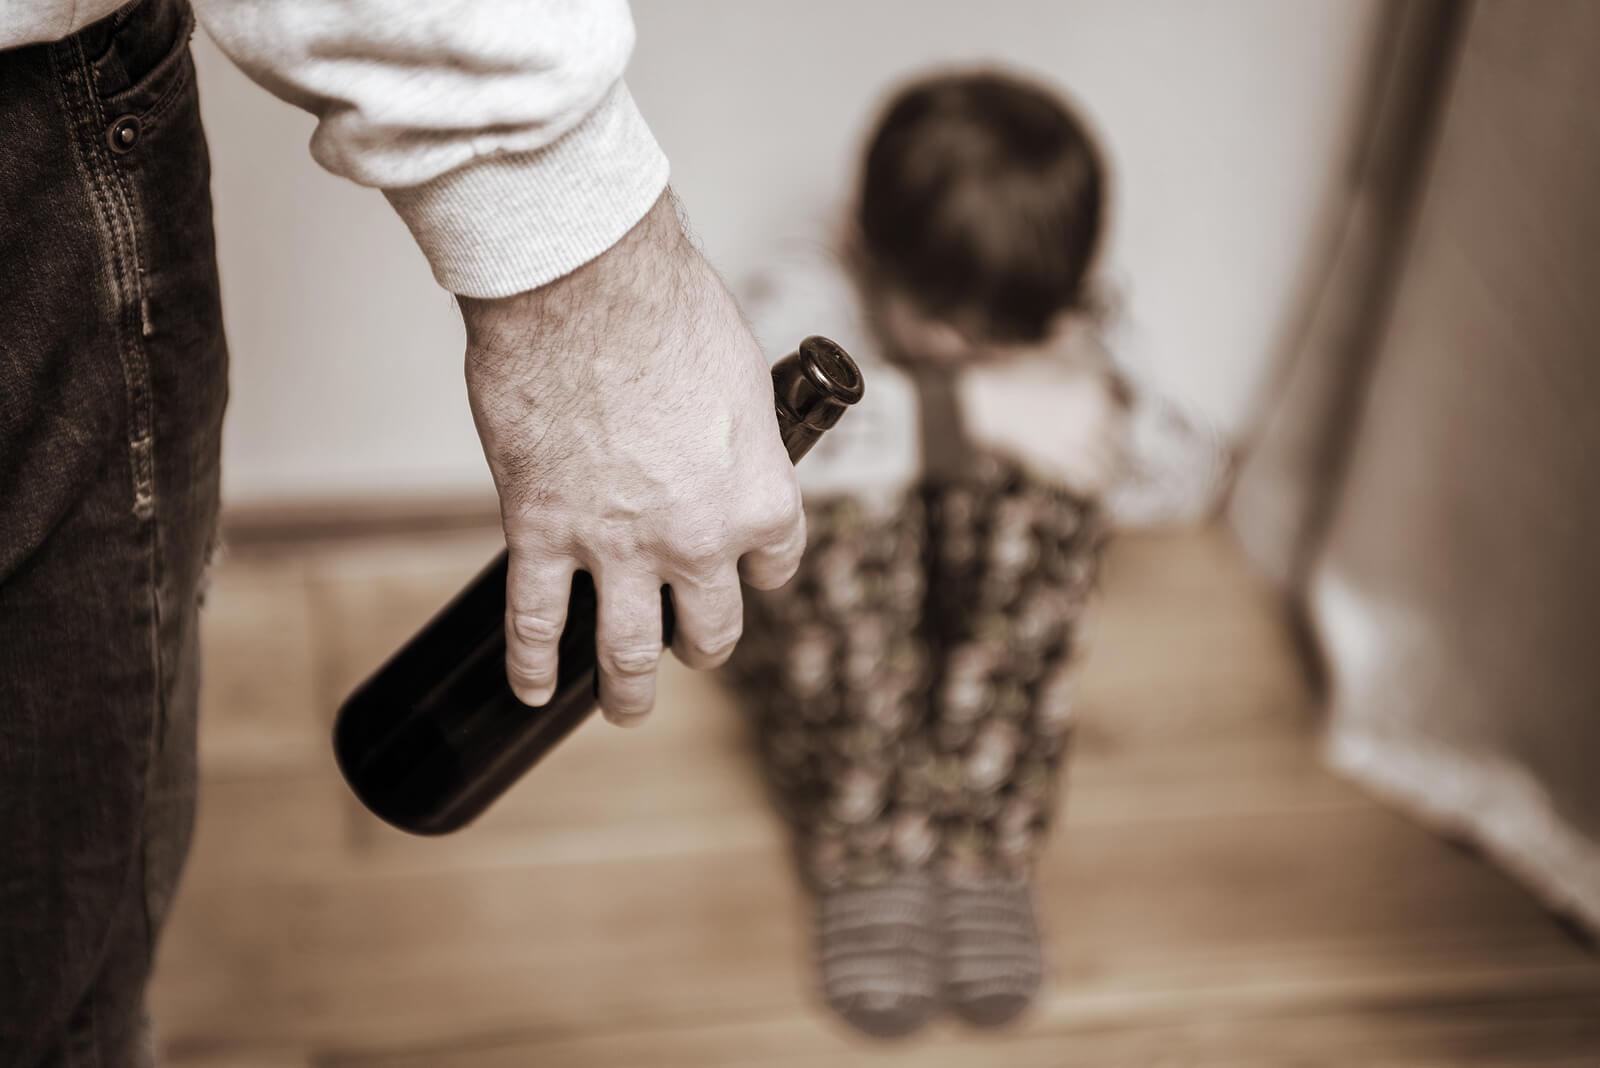 Hijo de padre alcohólico asustado en el suelo.